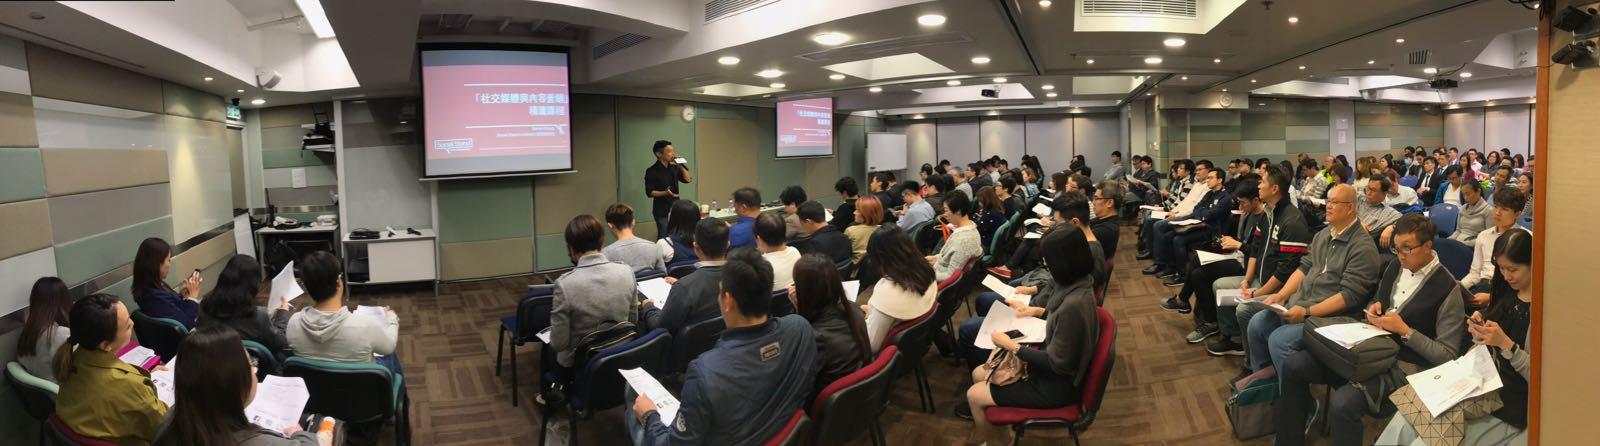 , 經濟商學院「社交媒體與內容營銷」精讀課程全場爆滿